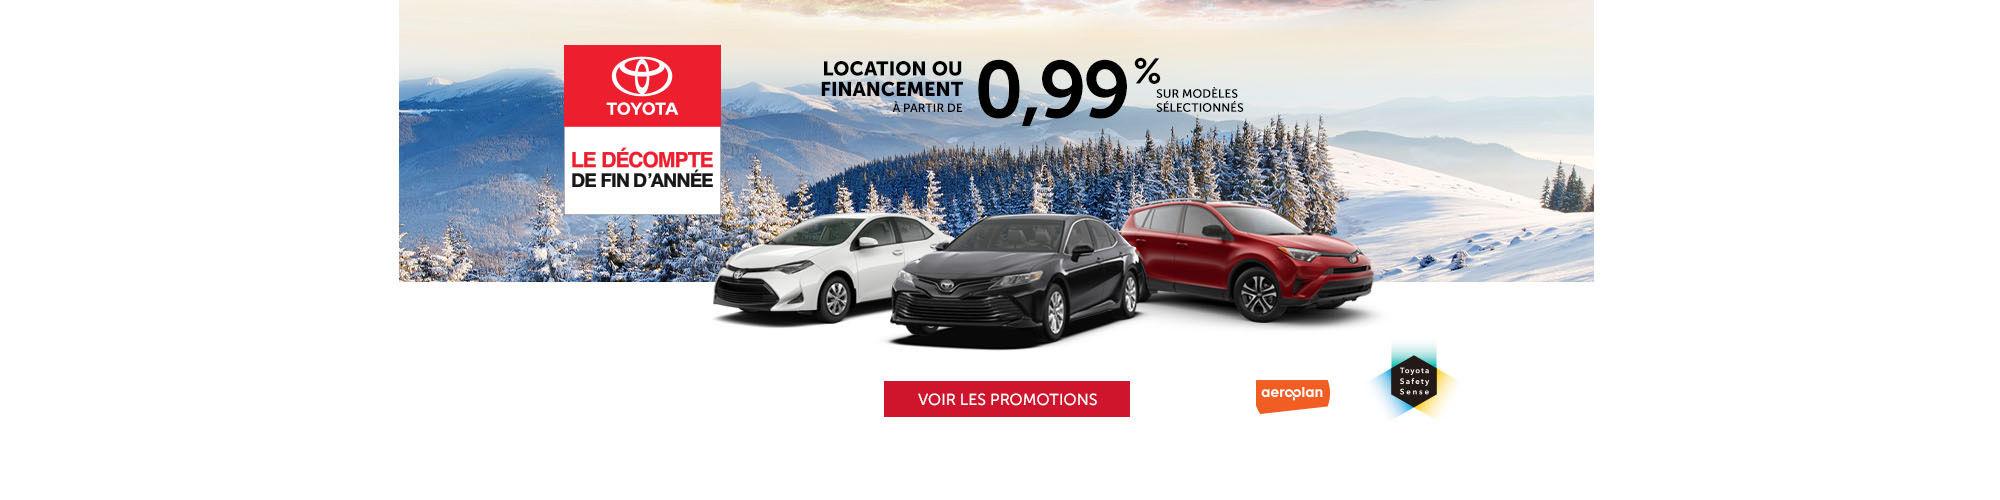 Décompte de fin d'année Toyota